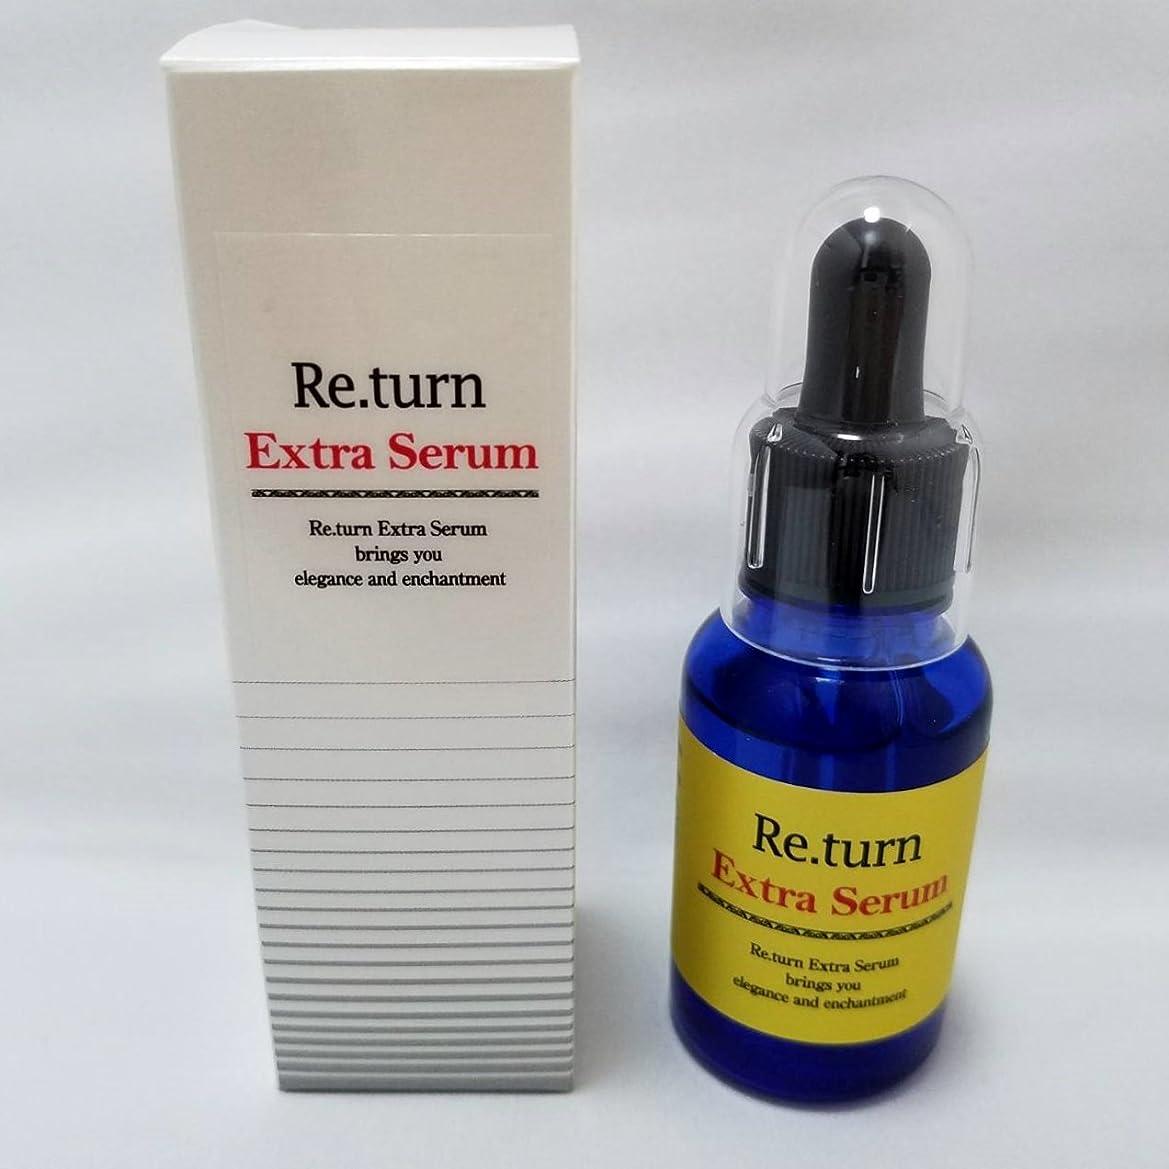 極めてパンダ持つRe.turn 高濃度 SCCプレミアム エッセンス 30ml 幹細胞 美容液 ヒト幹細胞+馬プラセンタ リターン 美容液